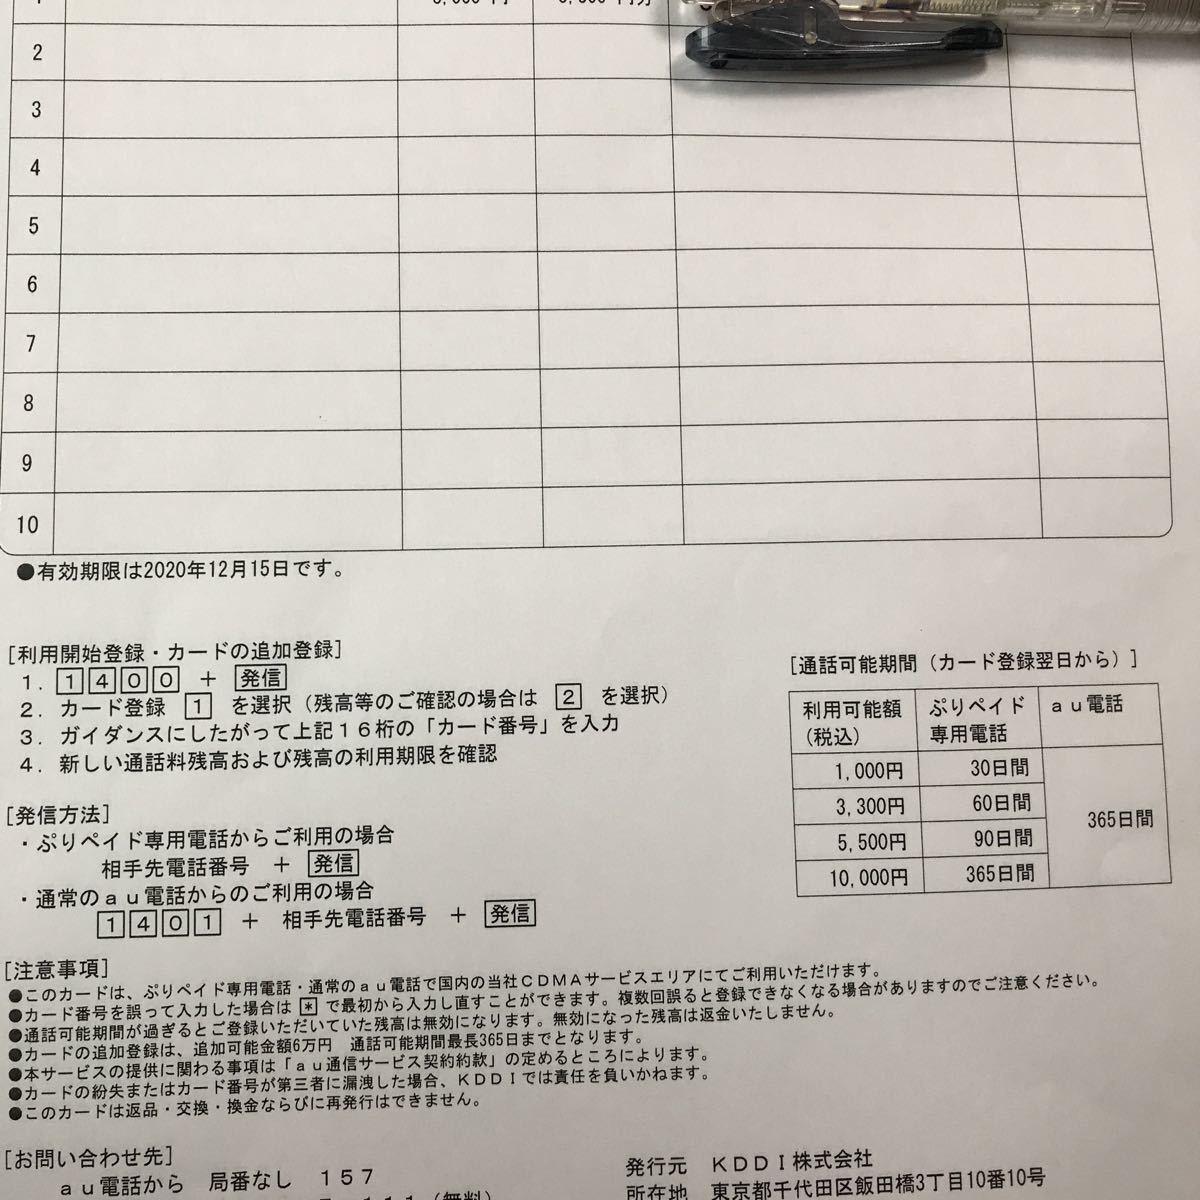 ☆au ぷりペイドカード 3300円分 プリペイドカード 送料無料(その2)_画像2